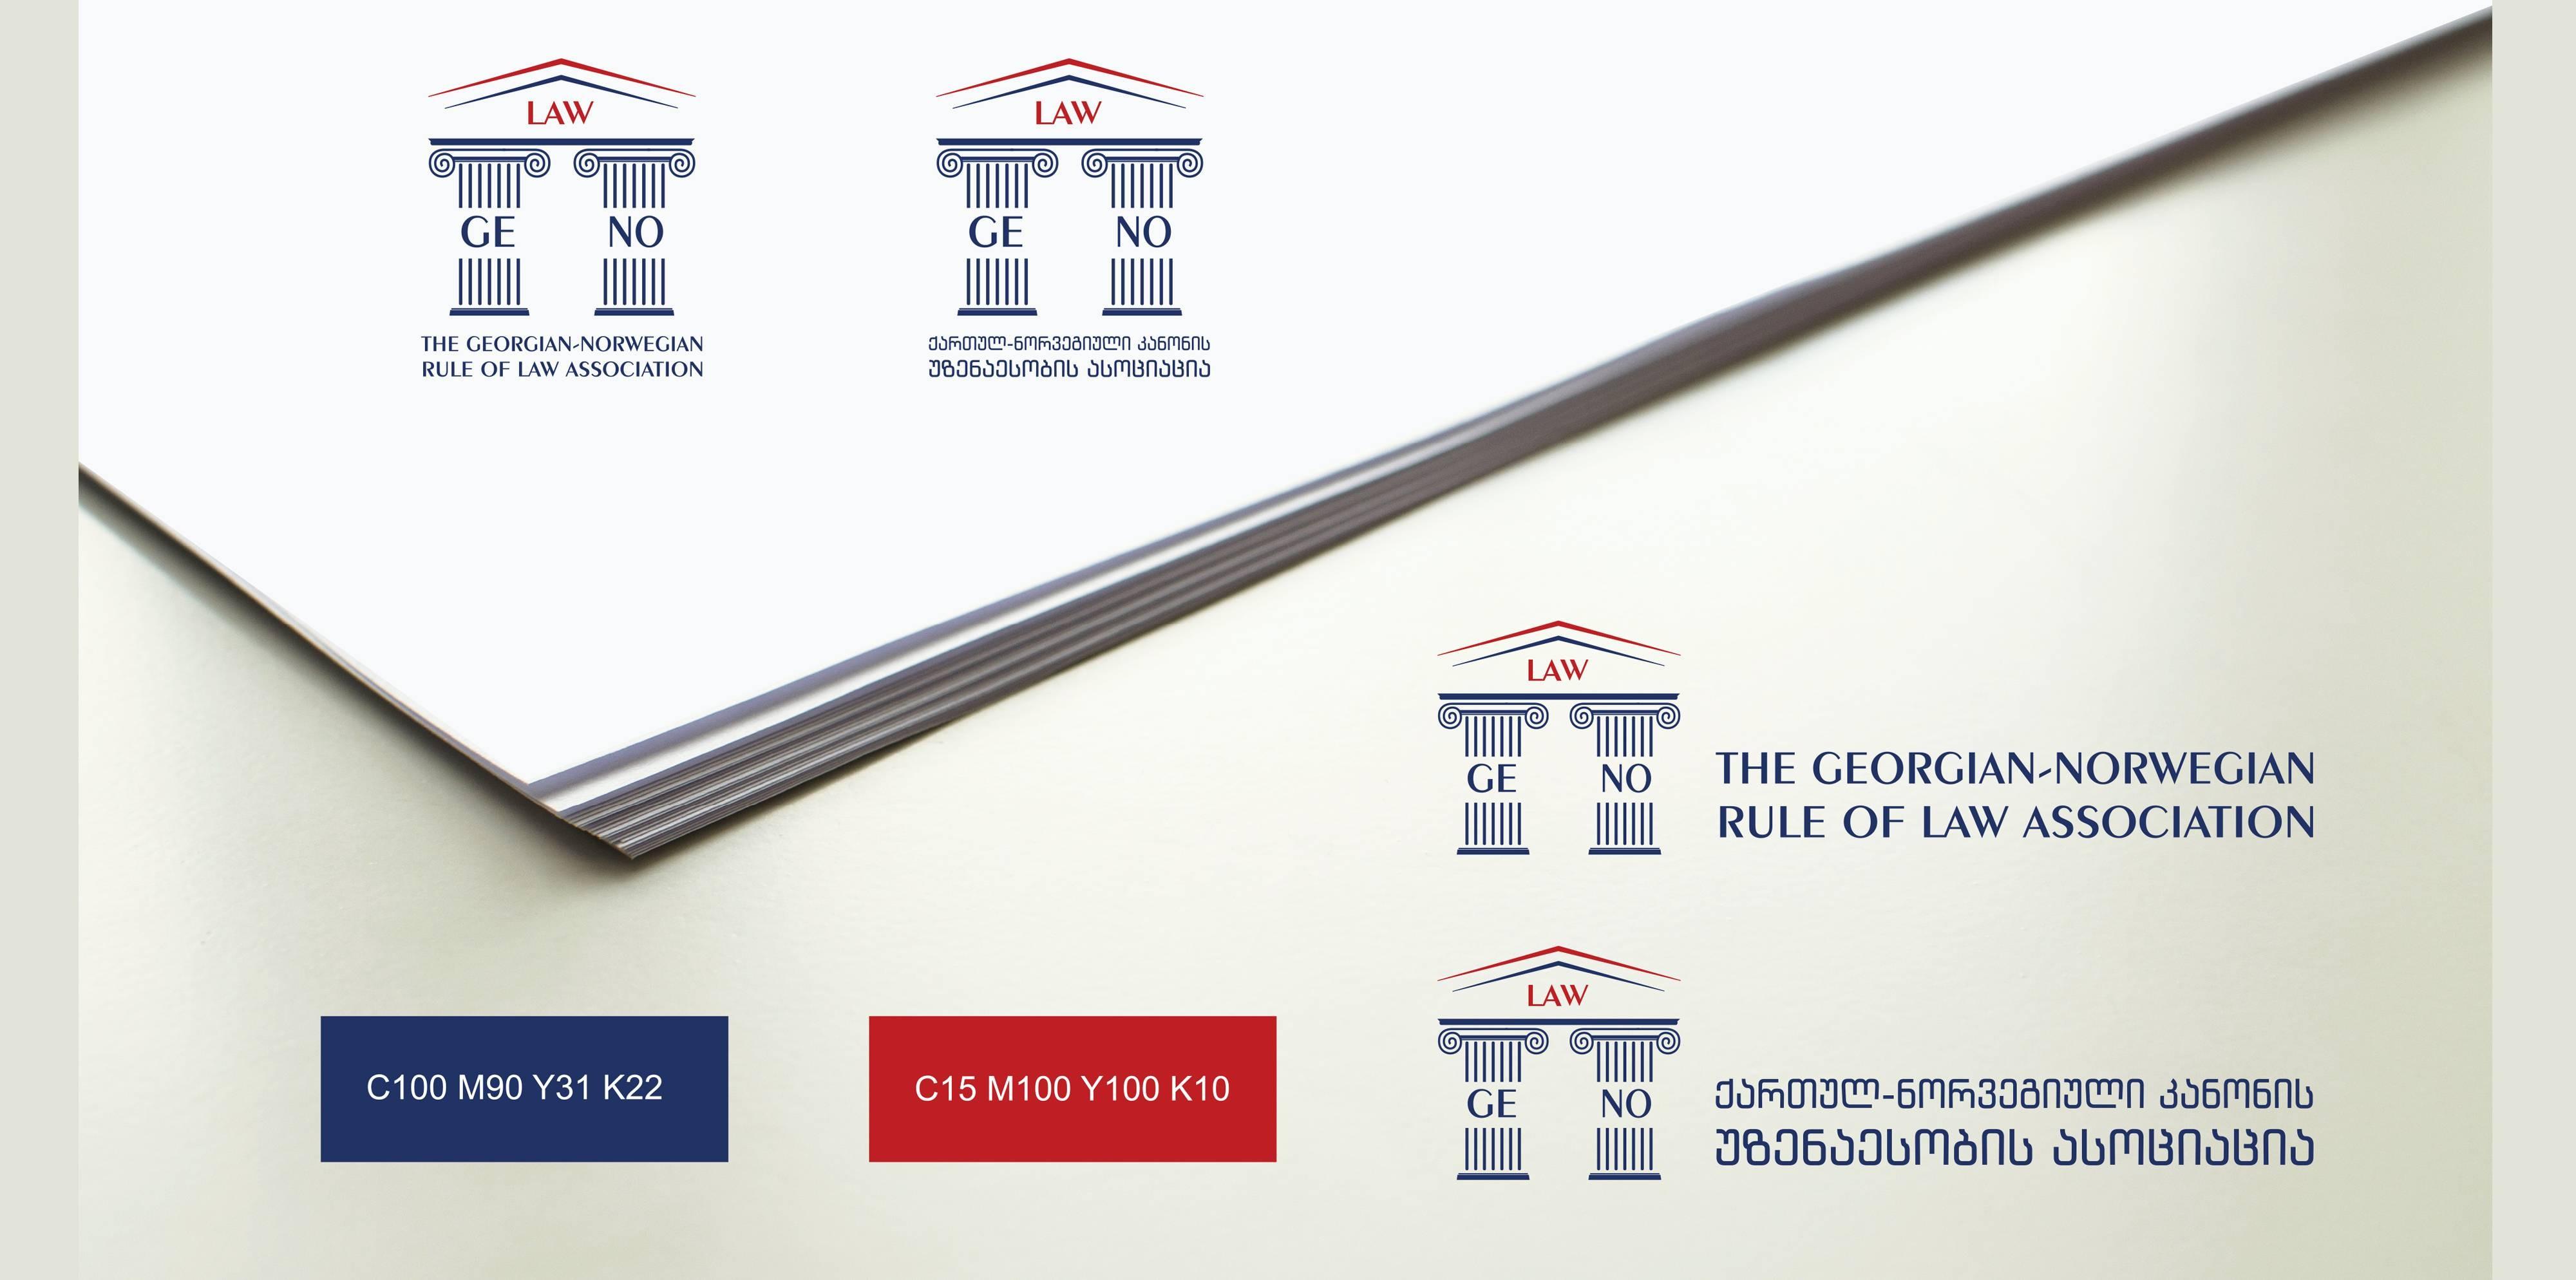 """ააიპ """" ქართულ-ნორვეგიული კანონის უზენაესობის ასოციაციის"""" ლოგოს, ბრენდული მასალებისა და ვებსაიტის დიზაინის შექმნა (დეველოპმენტი)"""